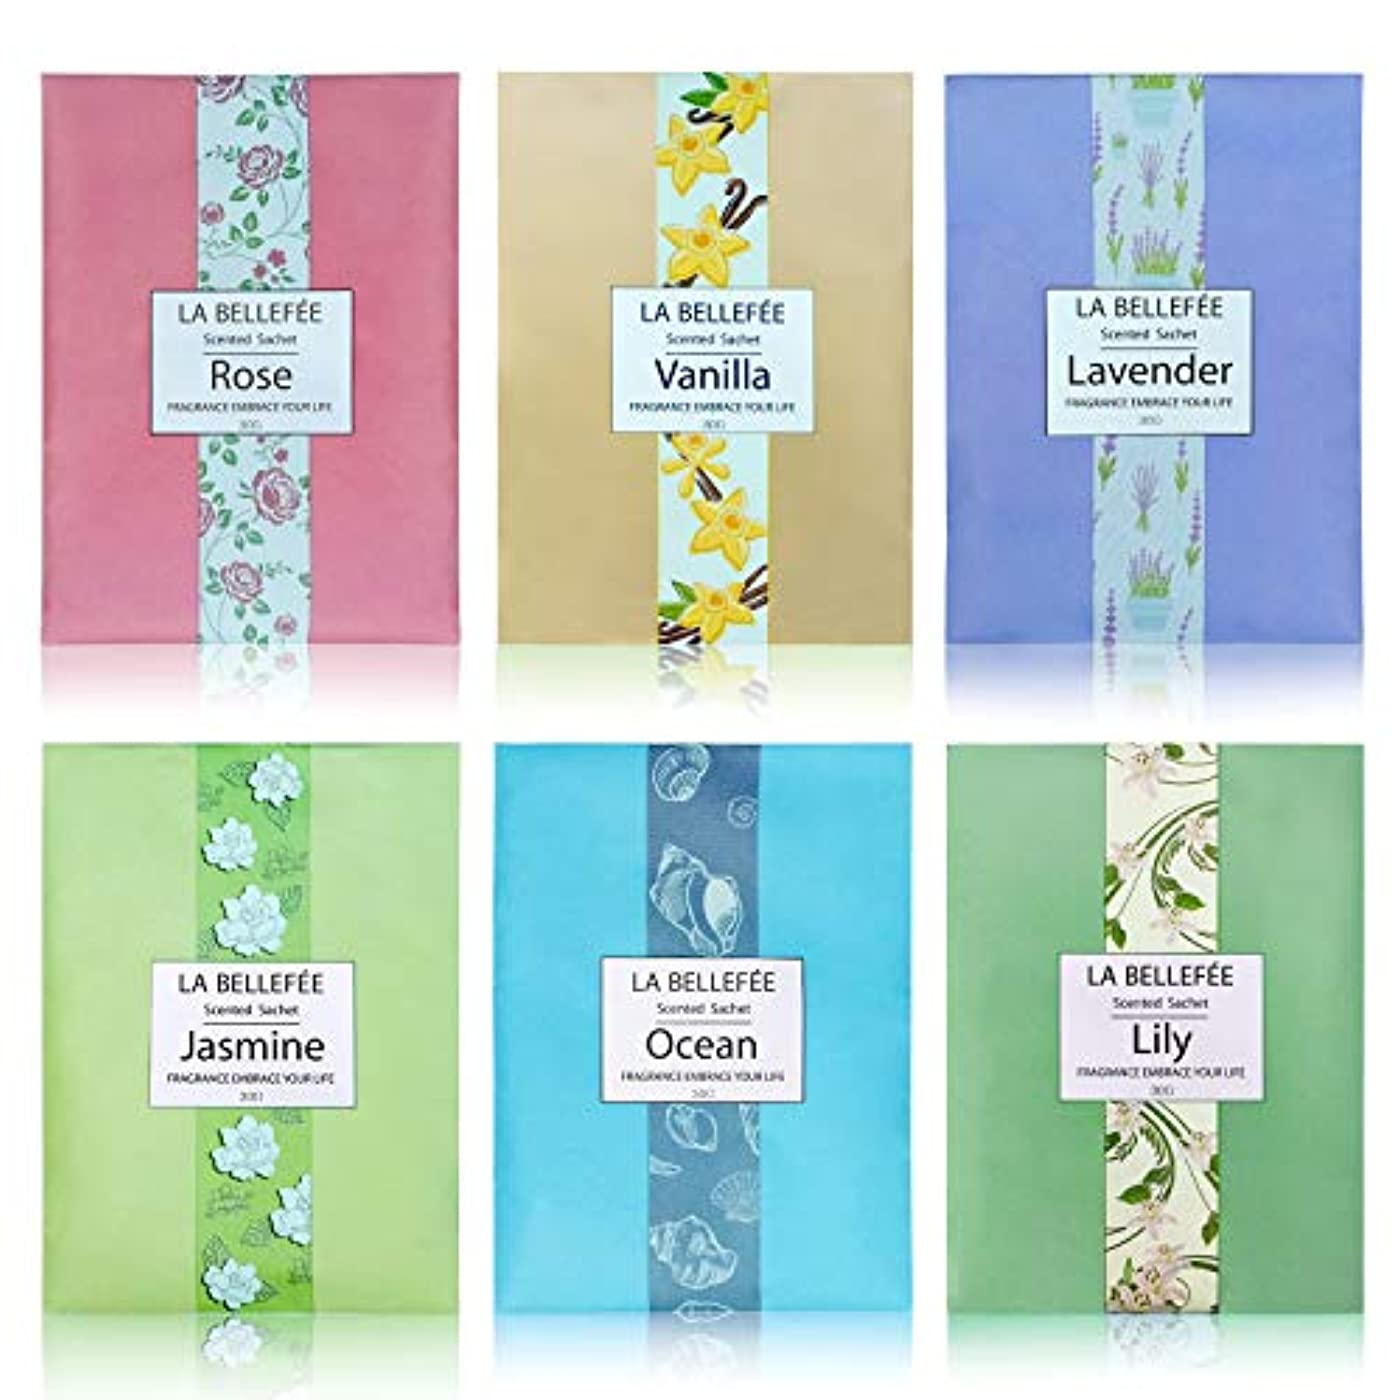 周波数くちばしビジュアルLA BELLEFÉE 香り袋 サシェ フレンチマカロン 匂い袋 アロマ袋 香りサシェ 着物用 芳香剤 におい良い 花の香り 車内用 玄関用 部屋用 アロマブクロ 6種類の香り